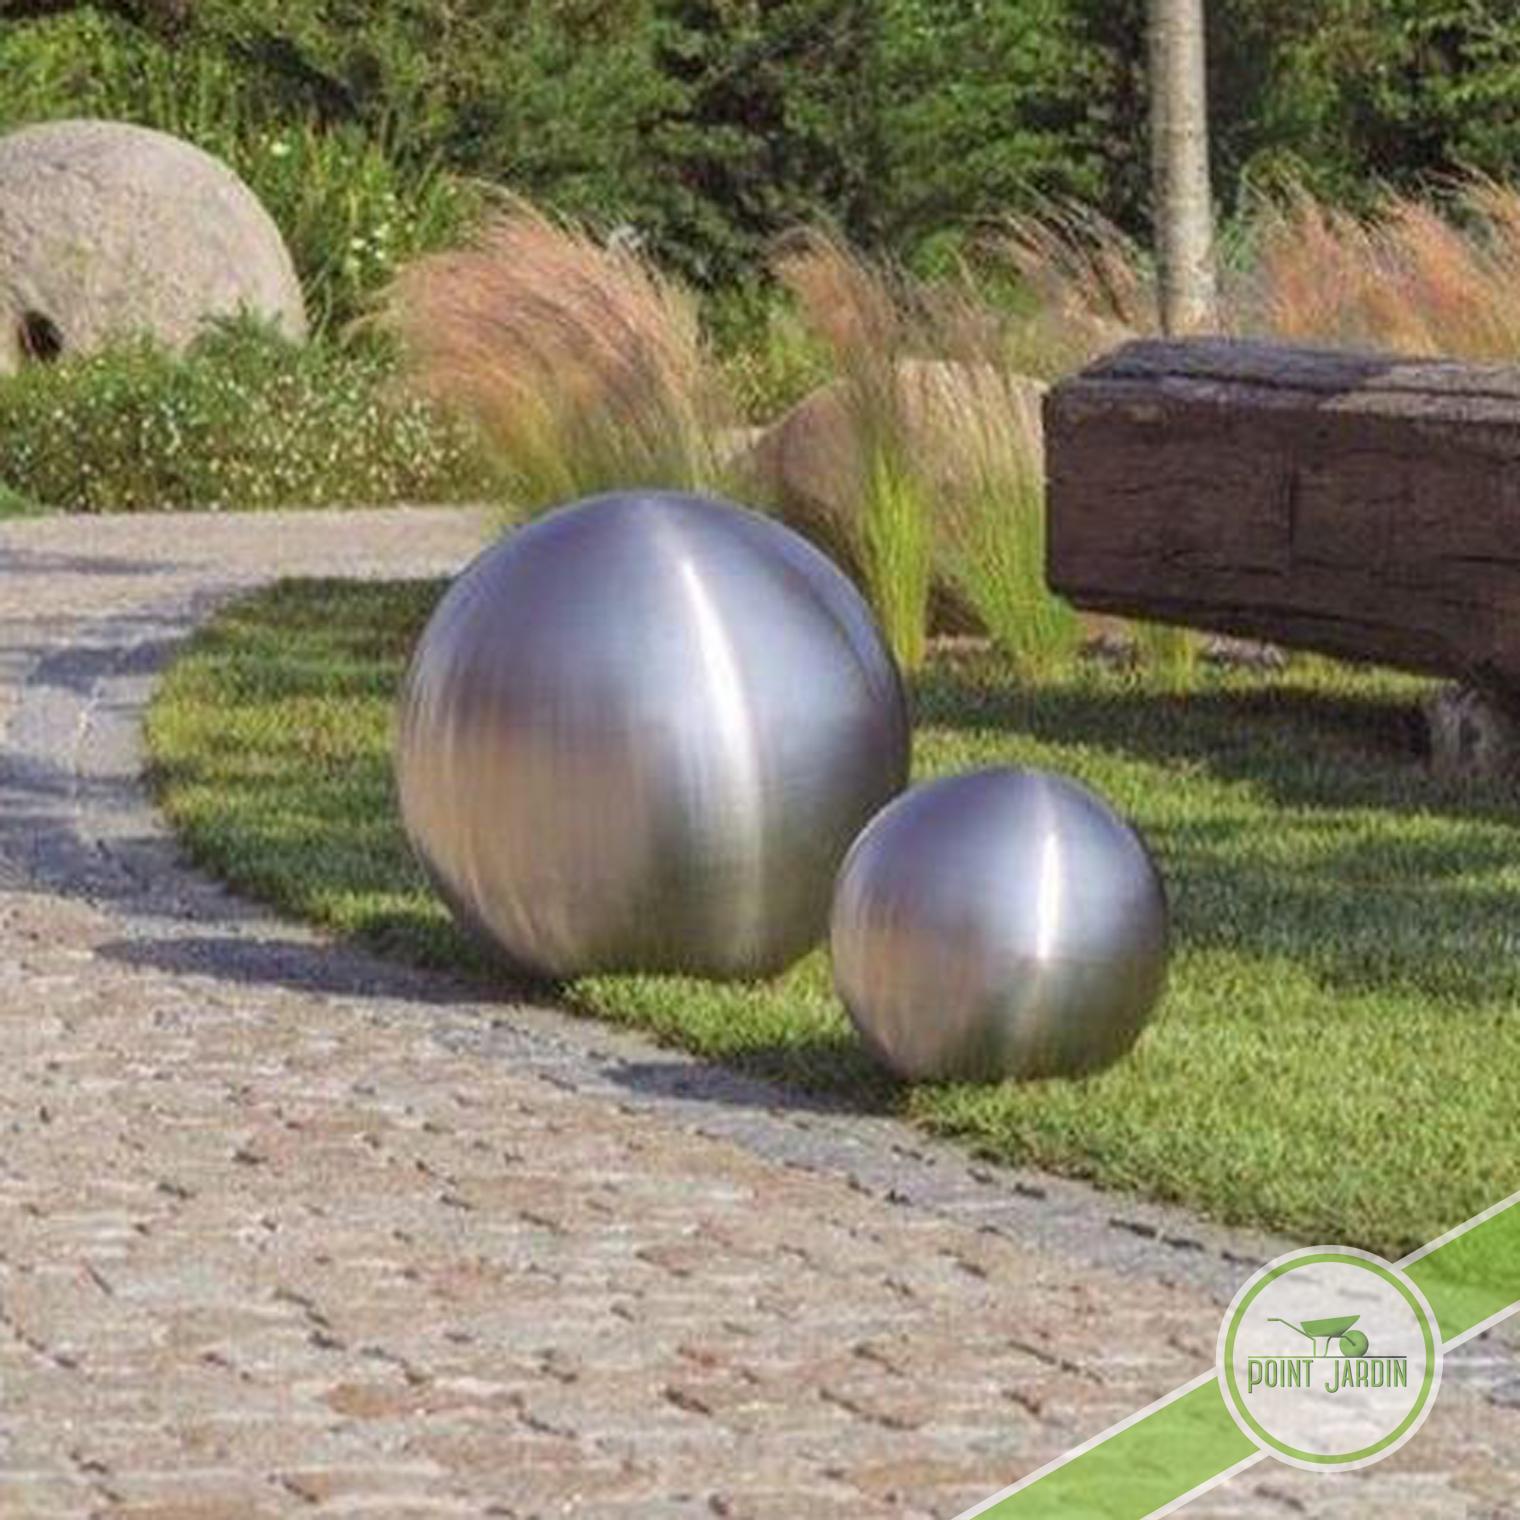 Boule inox d coration jardin point jardin Boule jardin deco